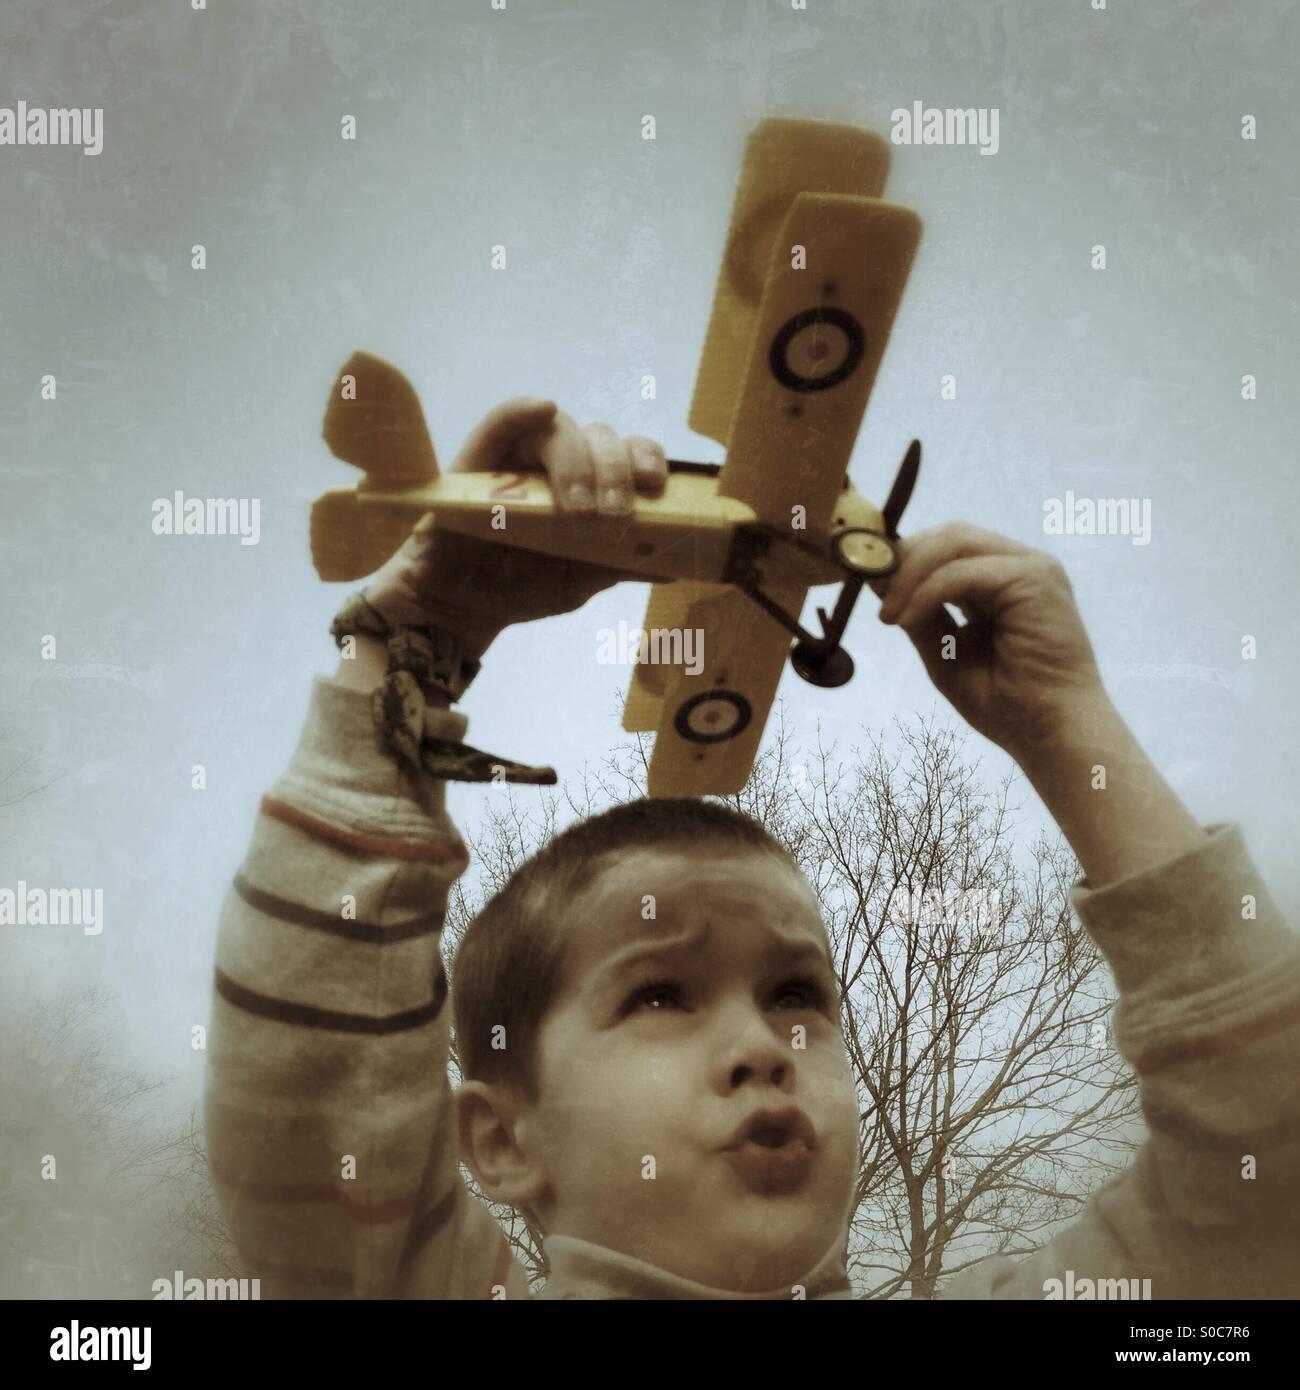 Giovane ragazzo giocando con il modello di un biplano Immagini Stock